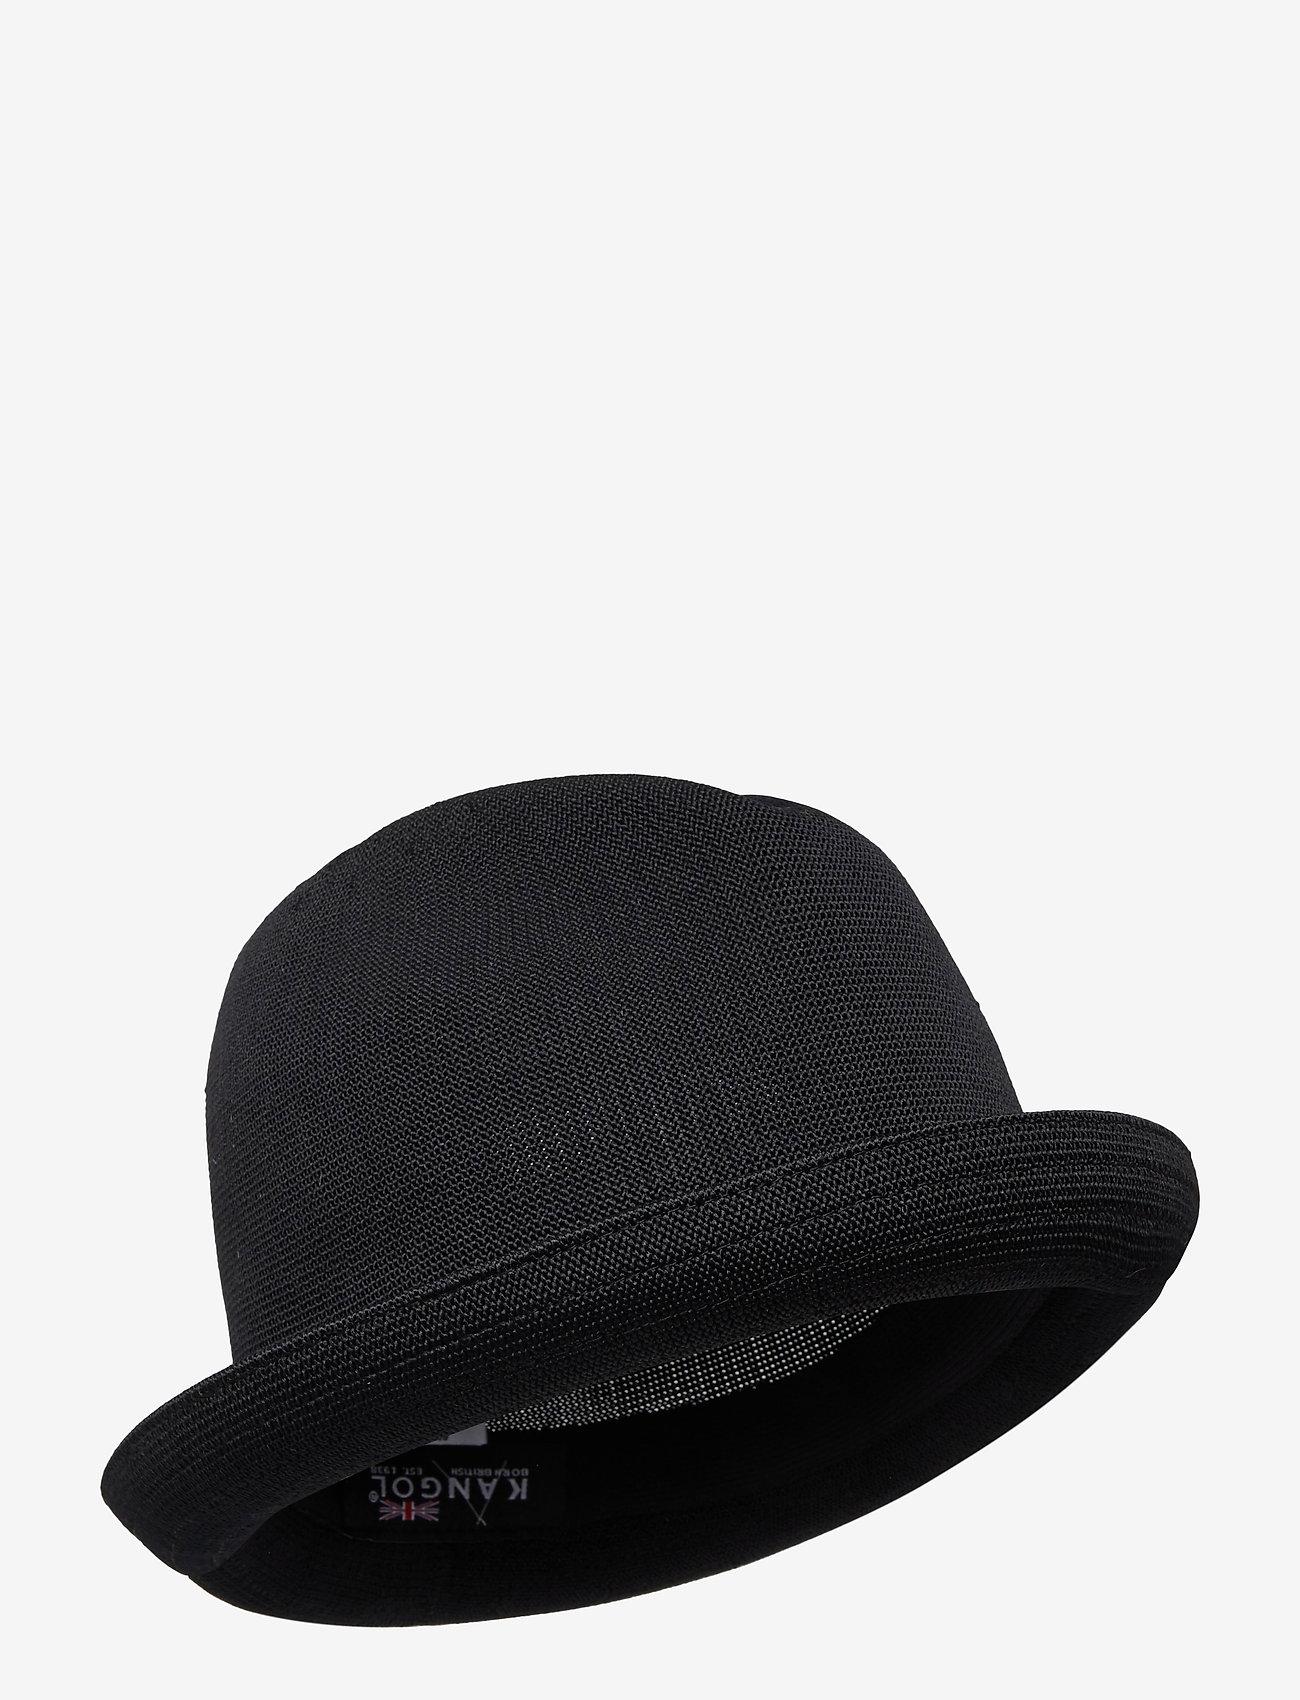 Kangol - KG TROPIC PLAYER - chapeaux - black - 0